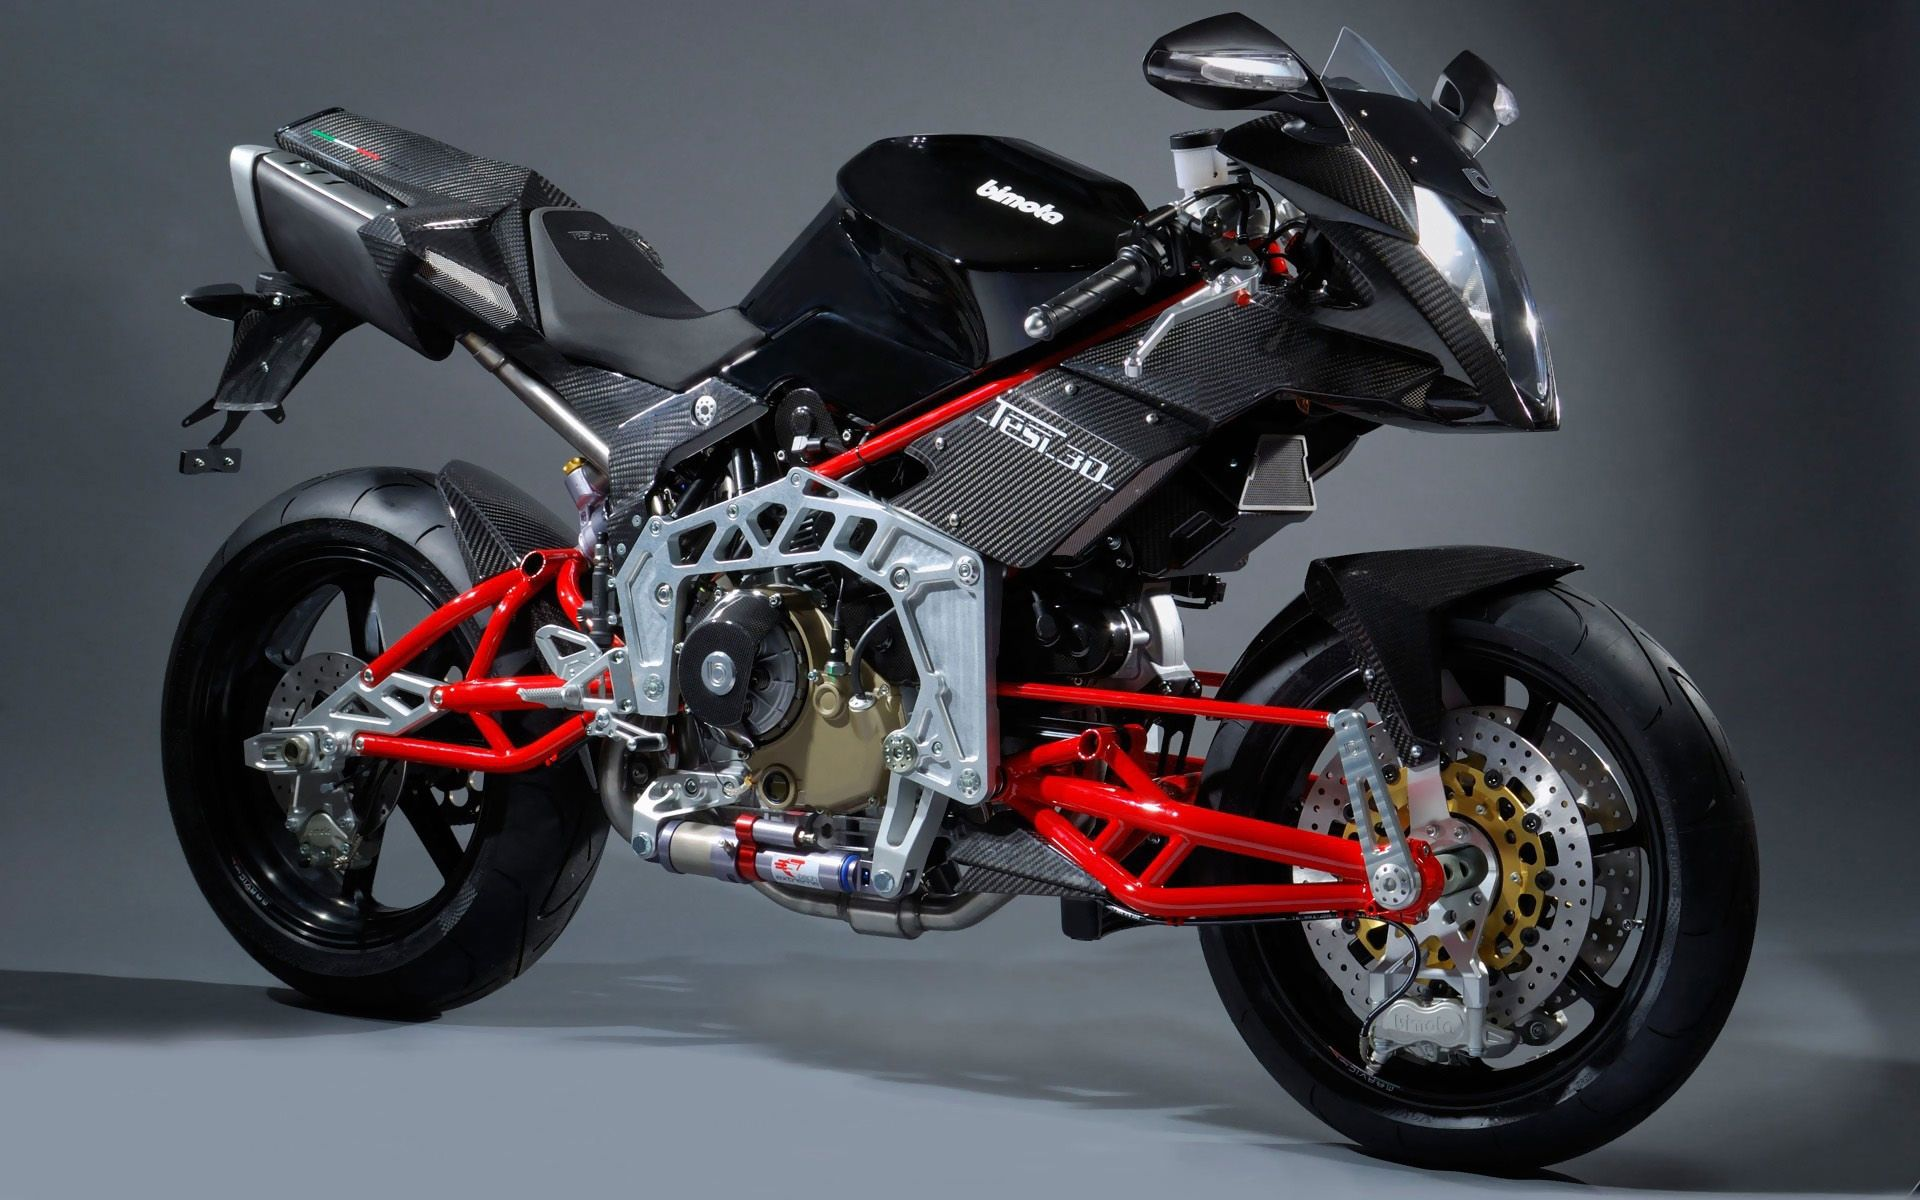 Bimota Tesi 3d Hd Wallpaper Bike Exif Motorcycle Wallpaper